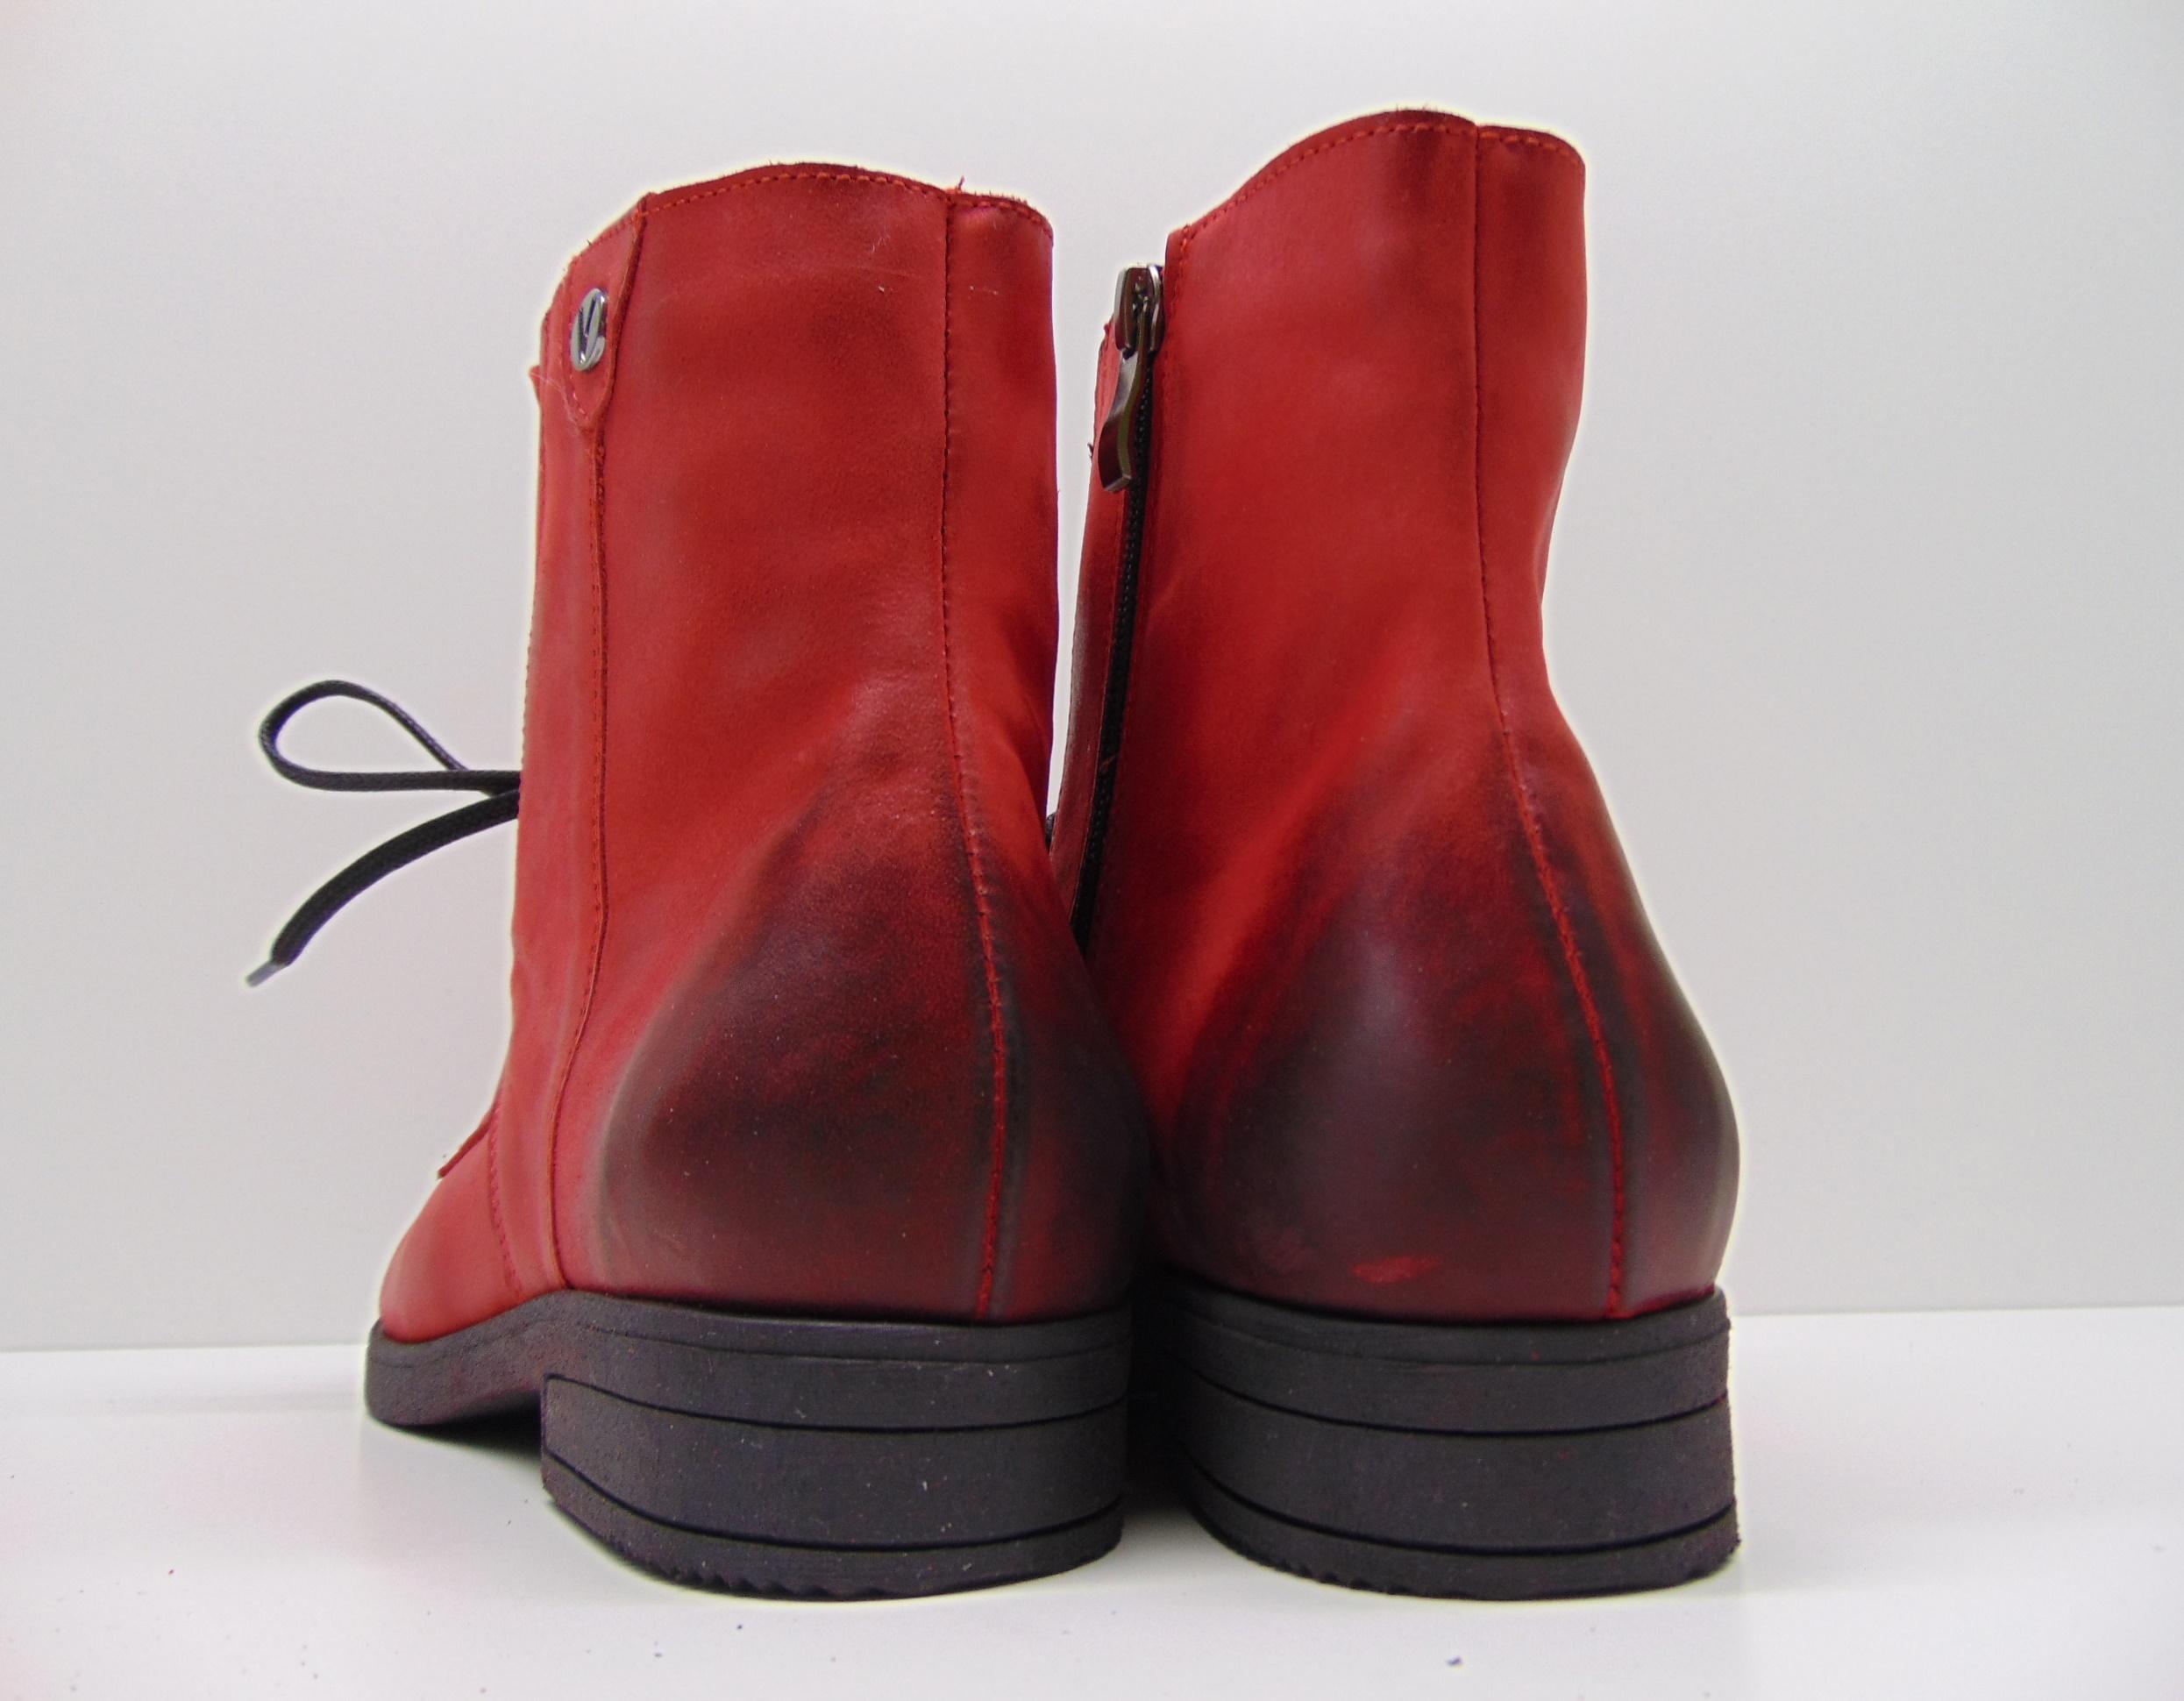 Botki RAMMIT 1156/5 czerwone L-10